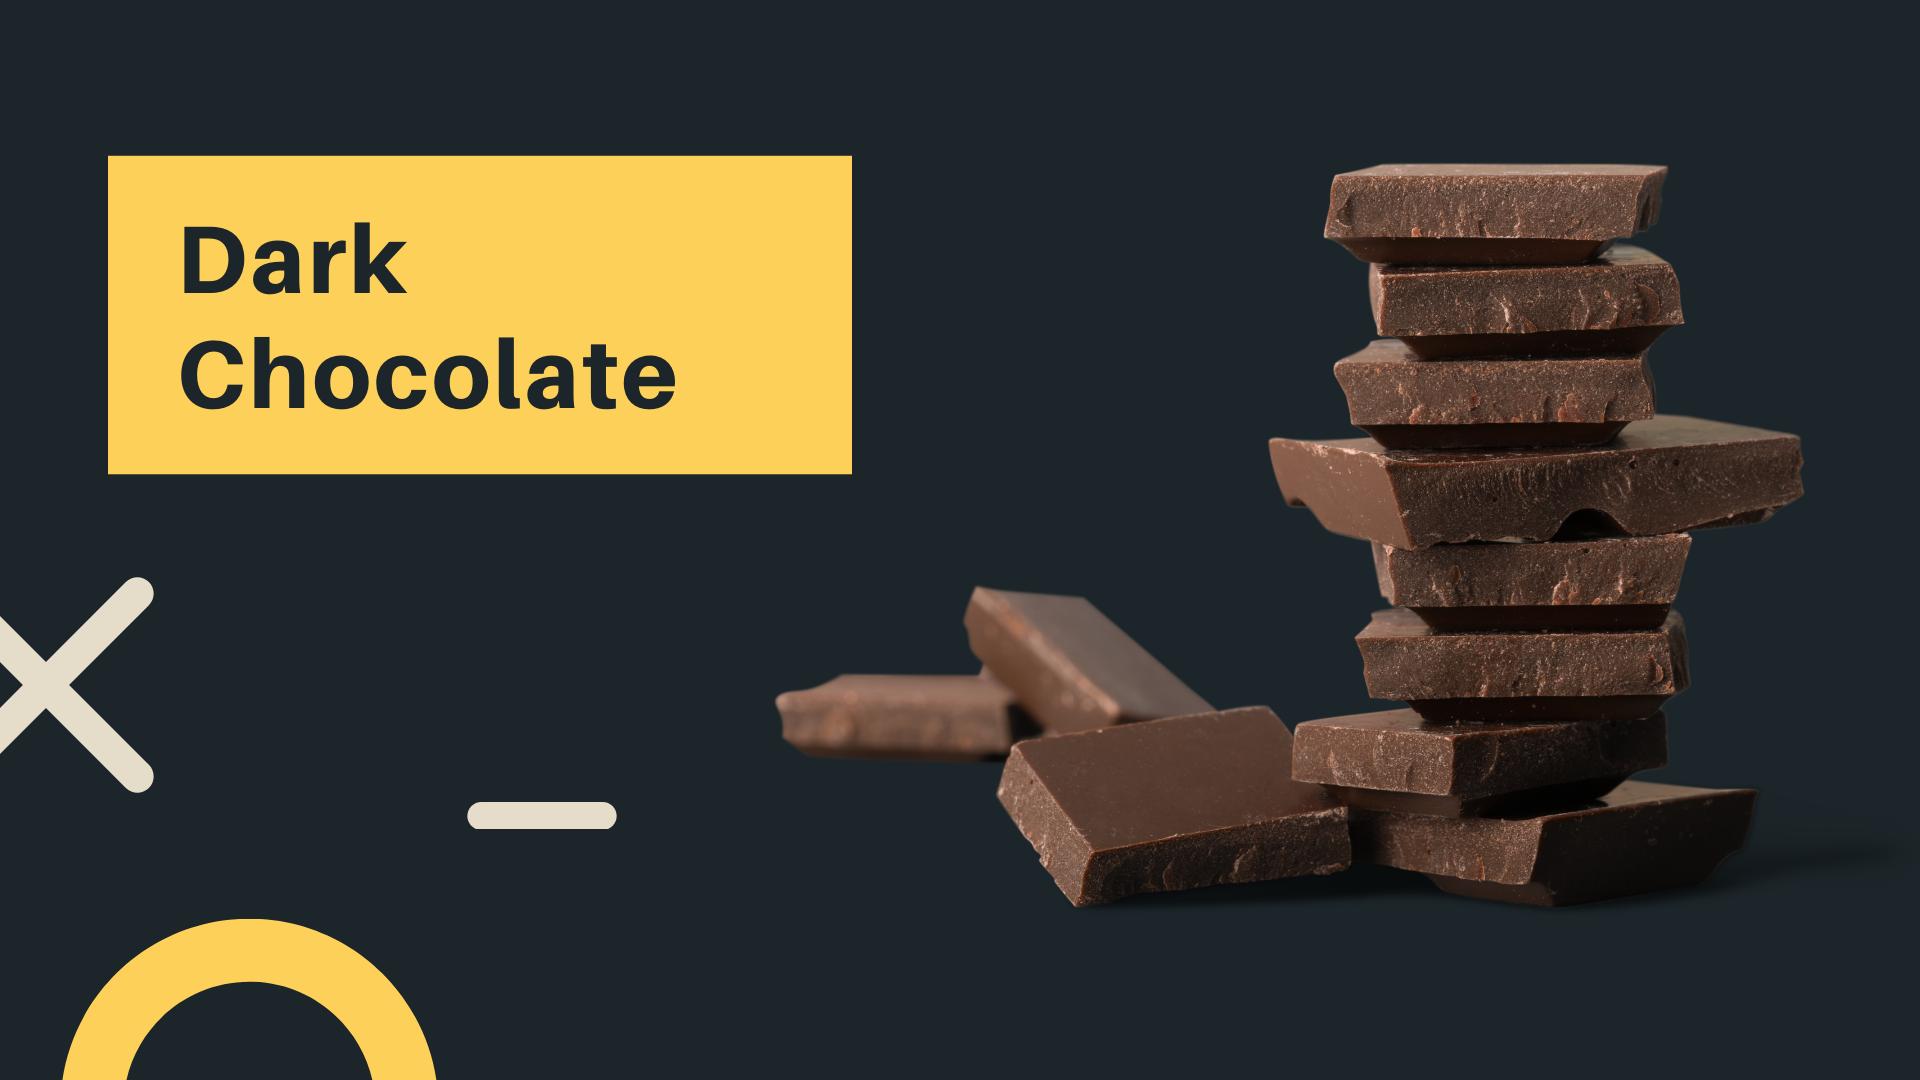 2 dark chocolate